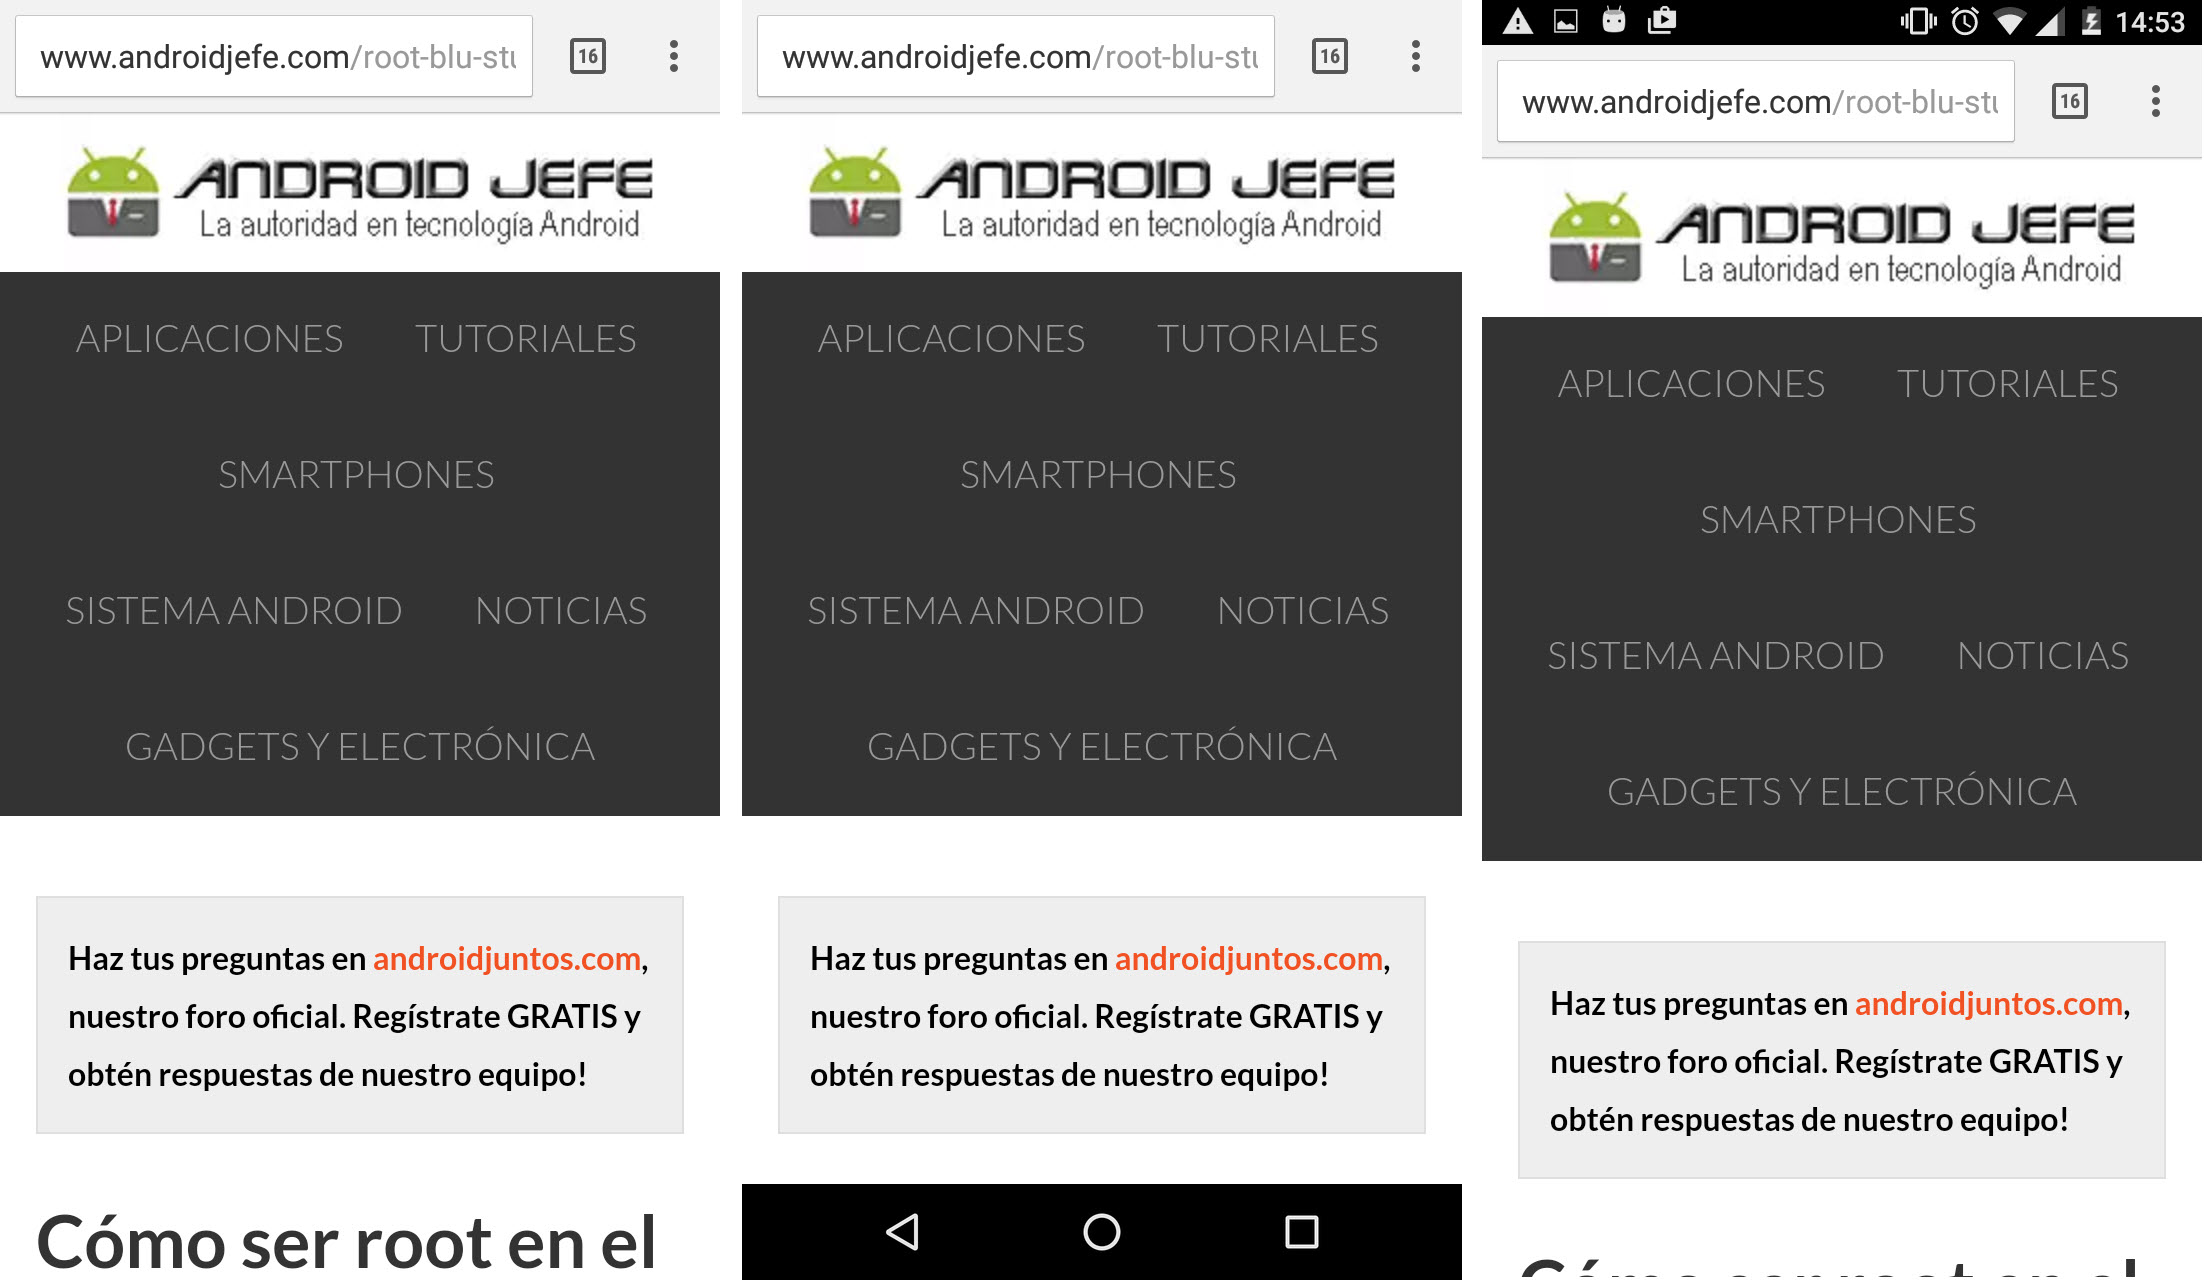 Google Chrome En Pantalla Completa Y Cualquier Otra App Android Jefe